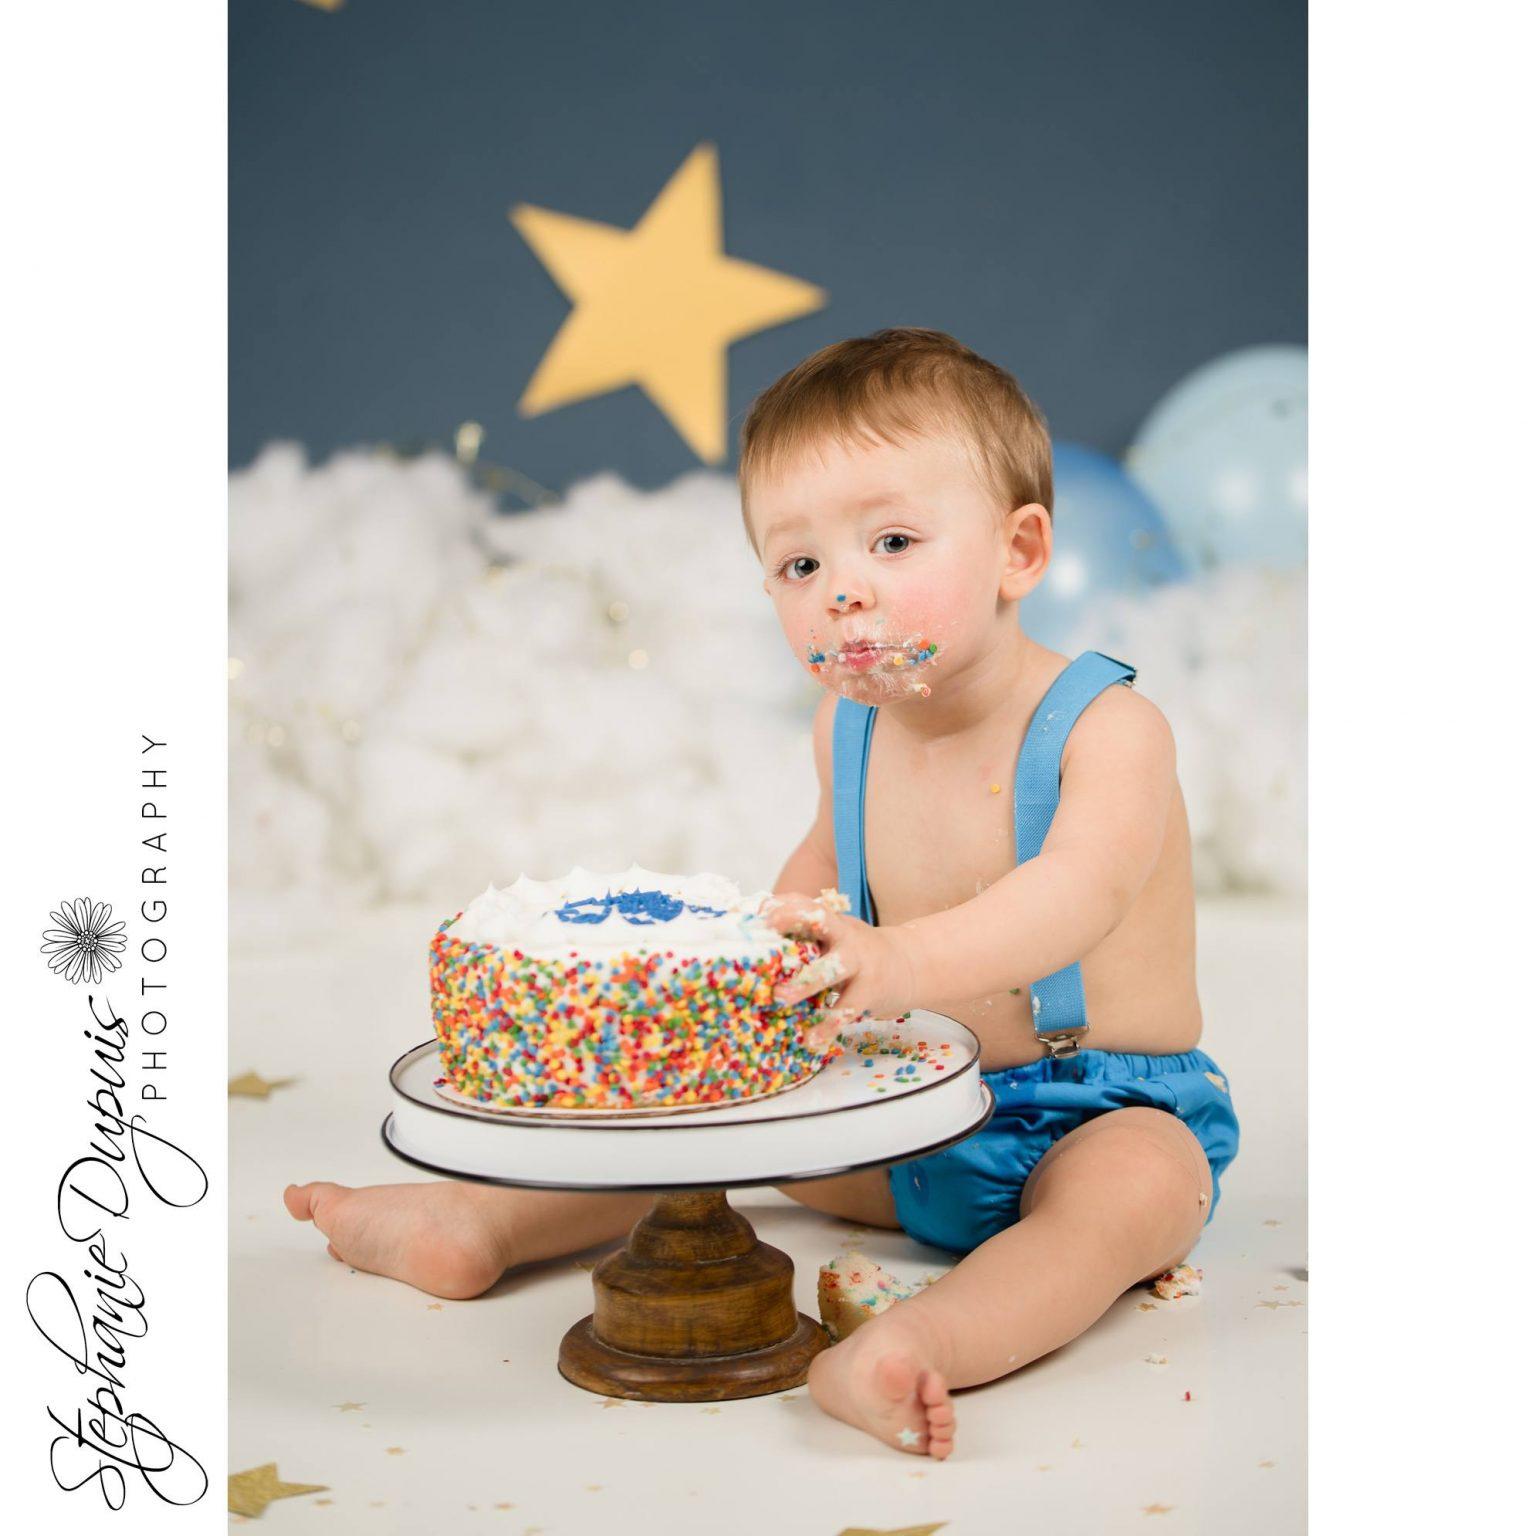 Bisson cake smash 9 1536x1536 - Portfolio: Gannon Cake Smash